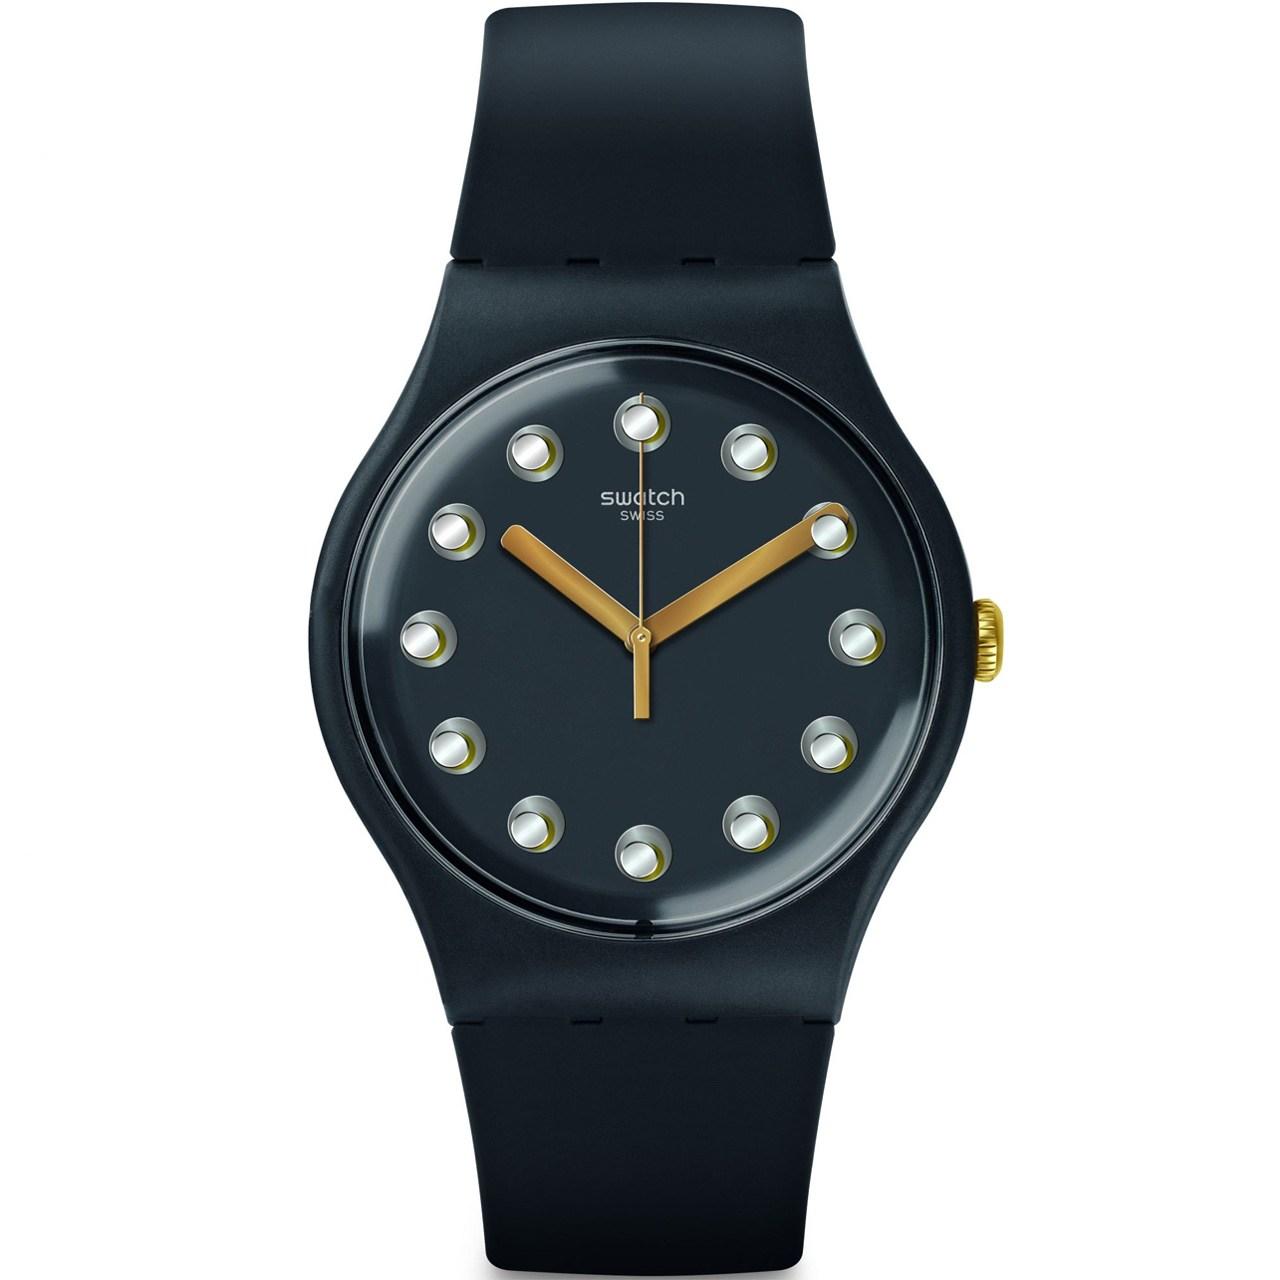 ساعت مچی عقربه ای سواچ مدل SUOM104